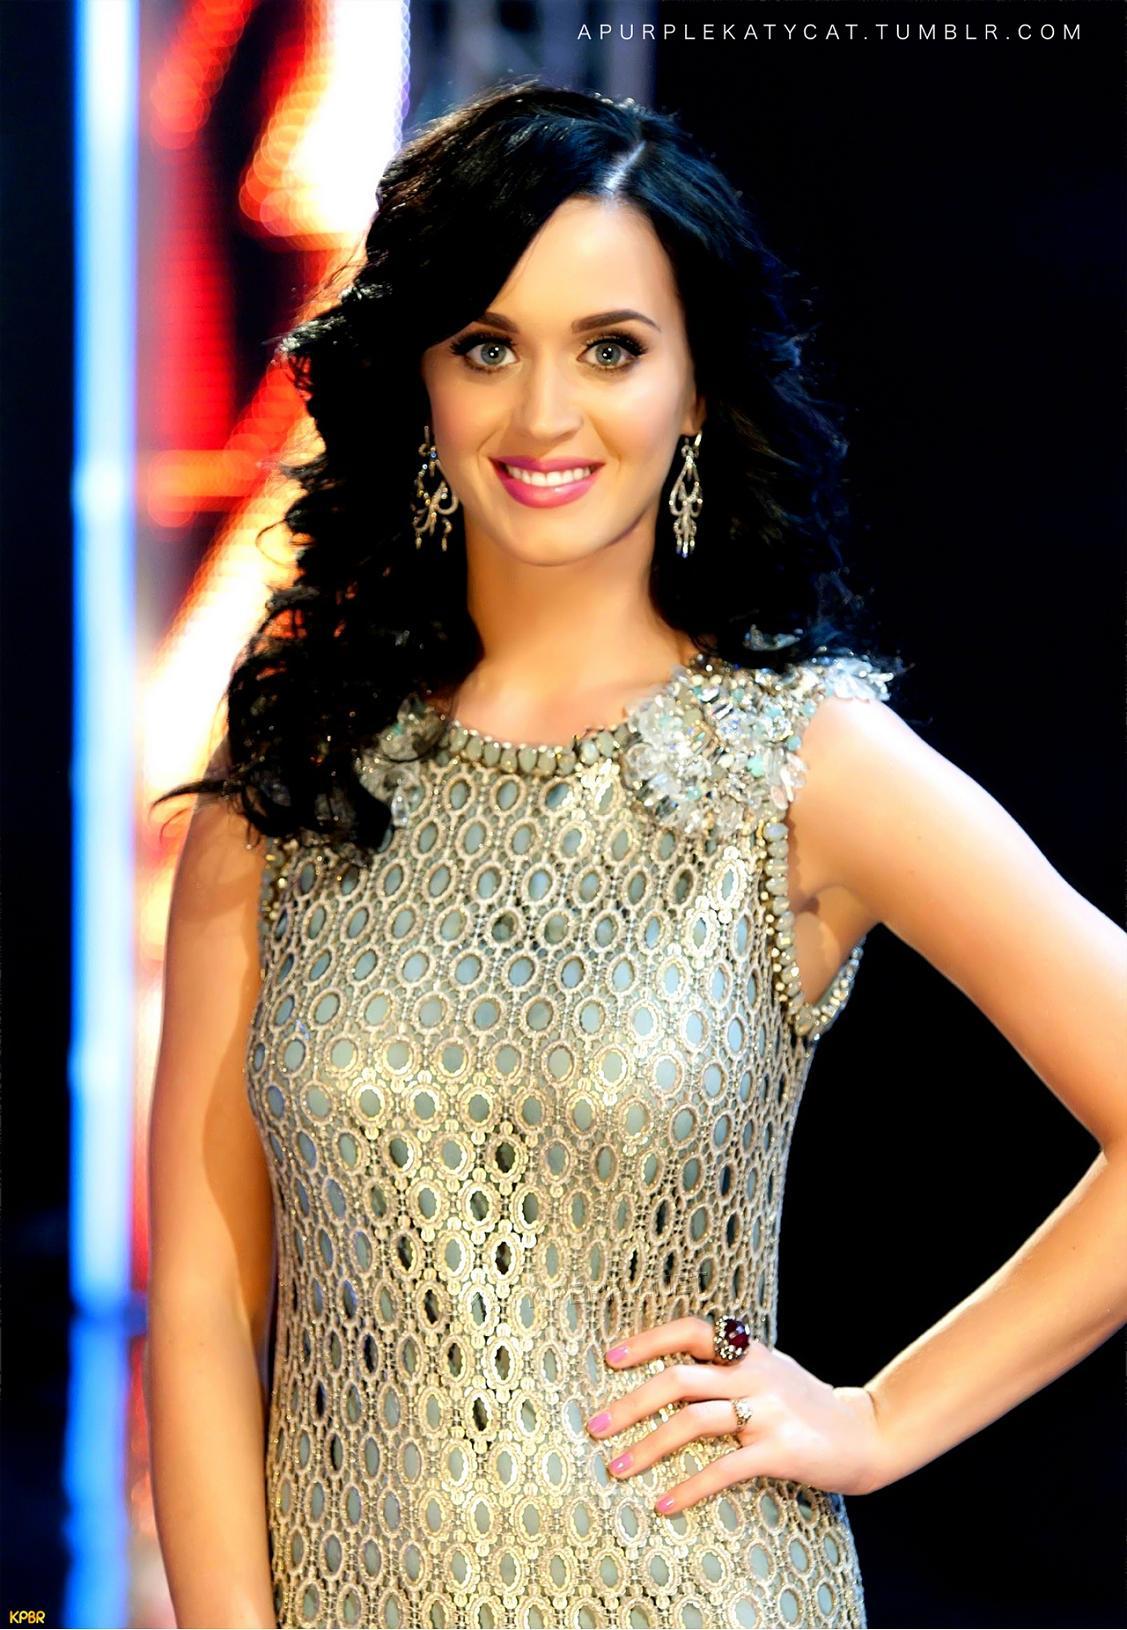 Enterate qué se roba Katy Perry de los hoteles